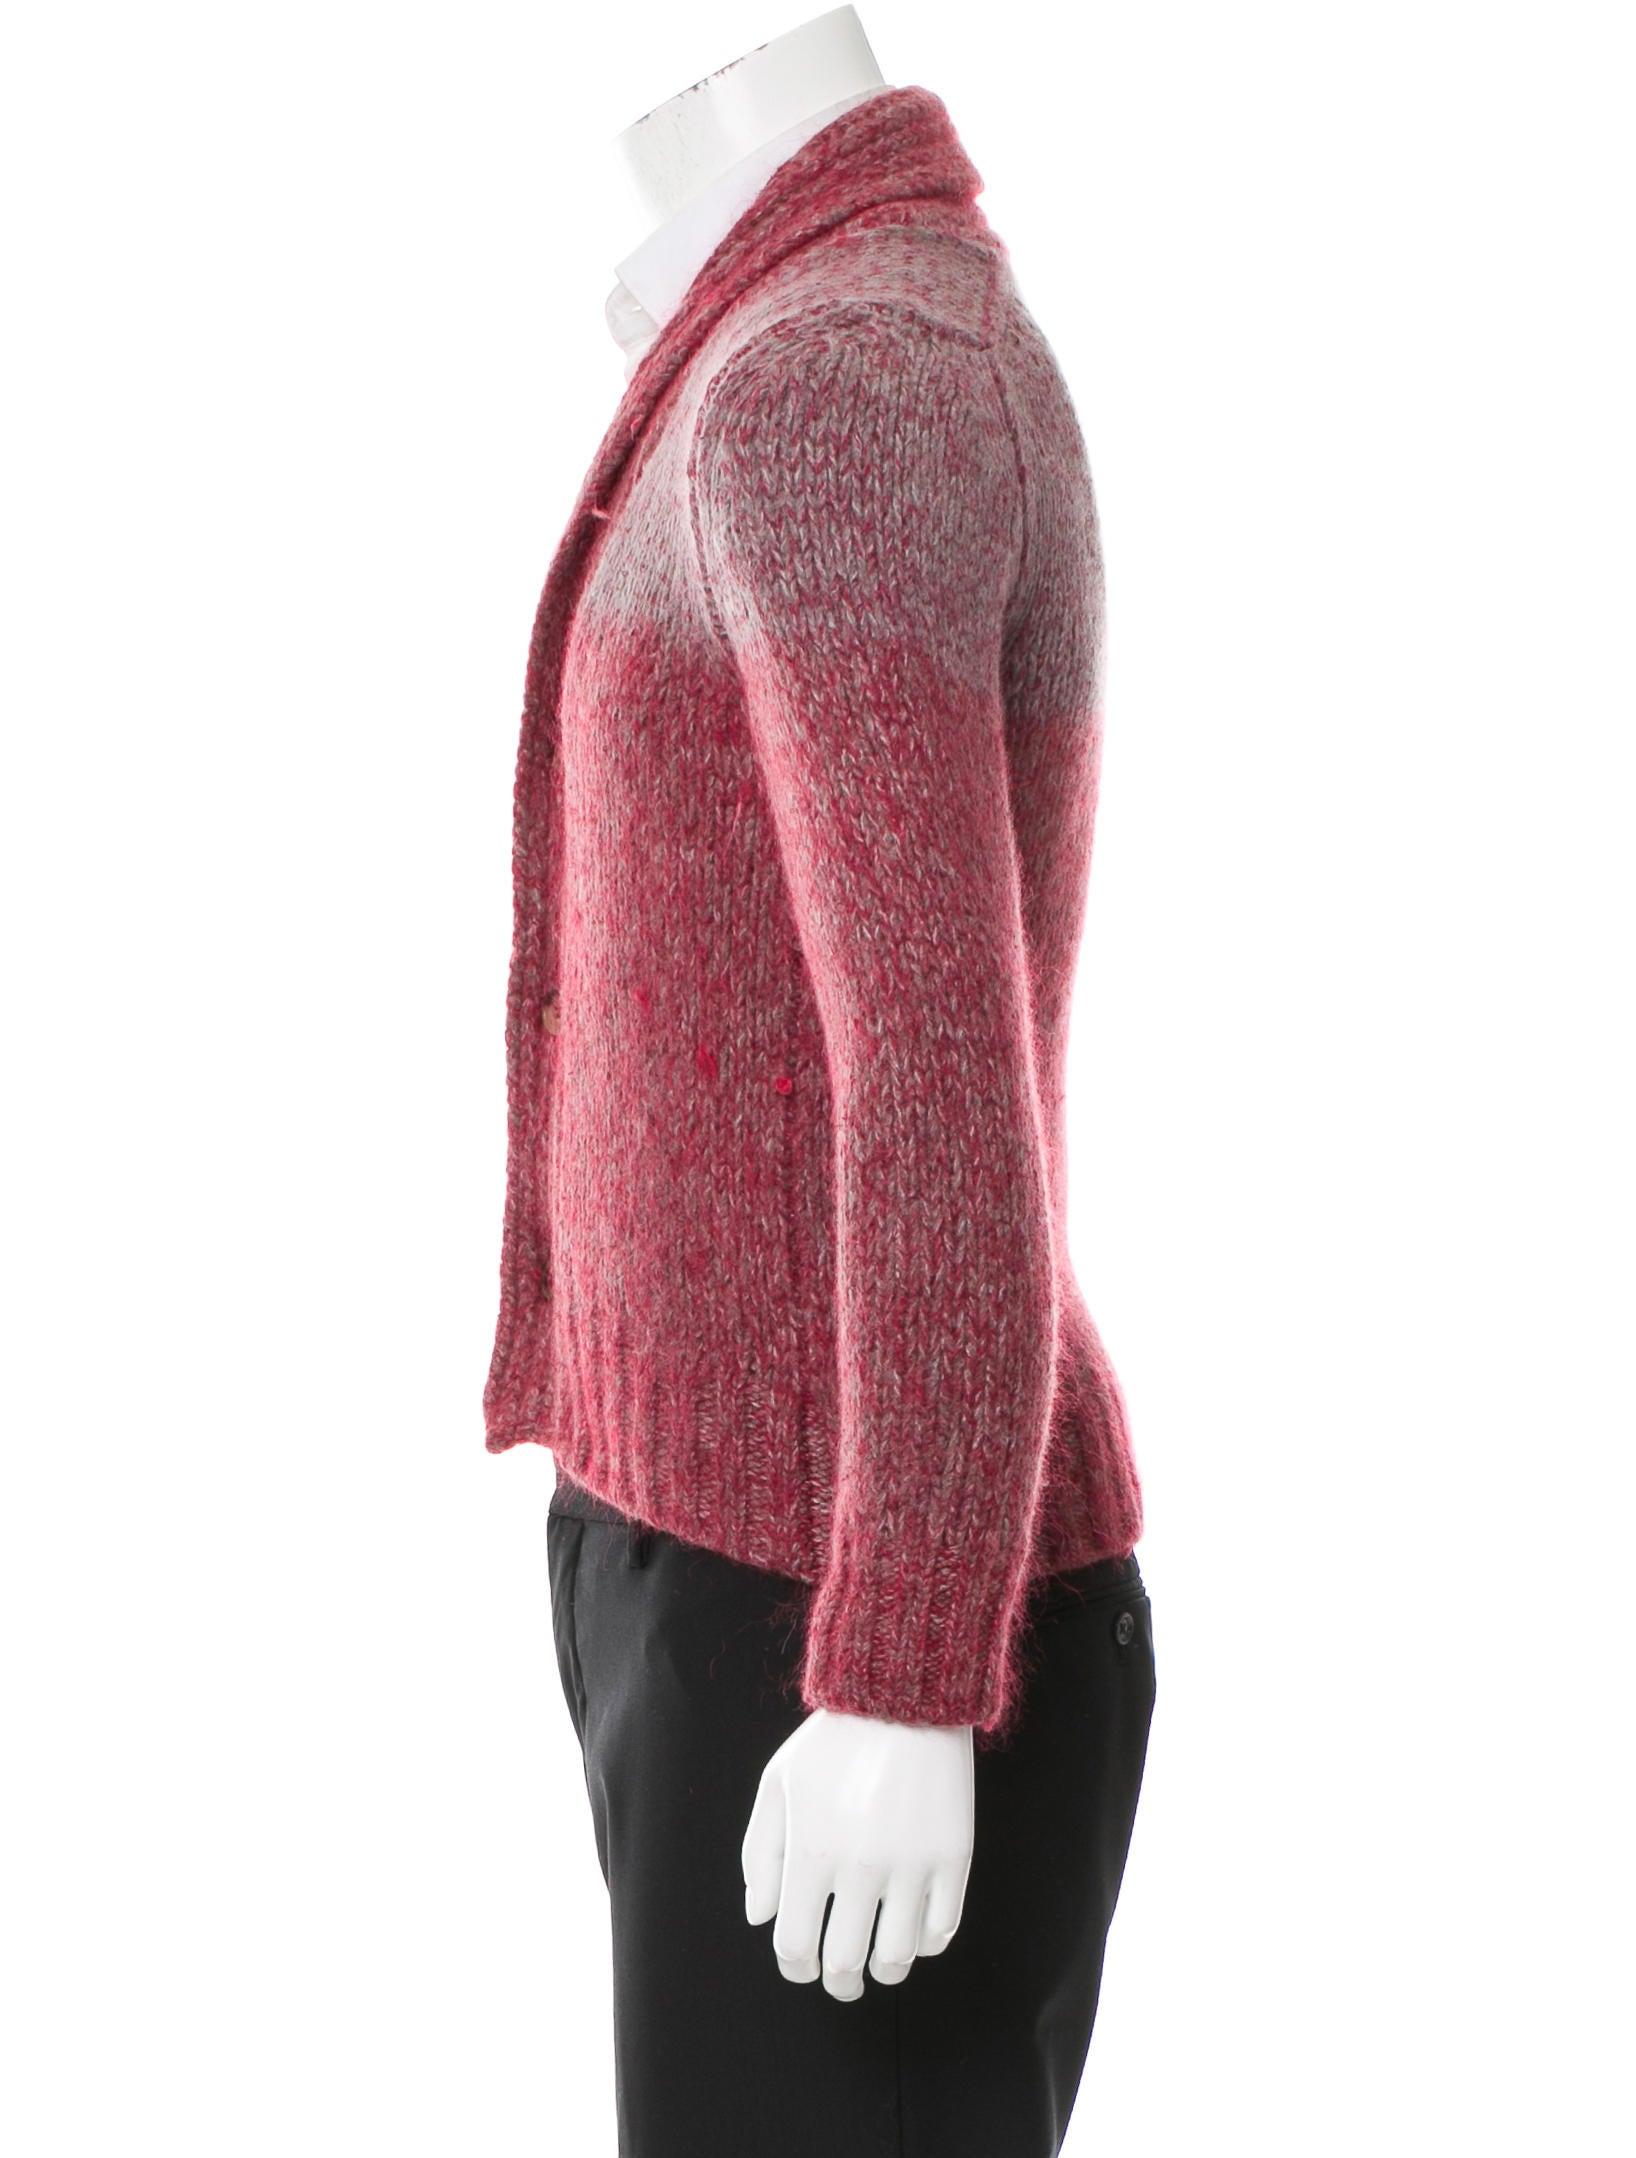 Knitting Cardigan Collar : Etro knit shawl collar cardigan clothing etr